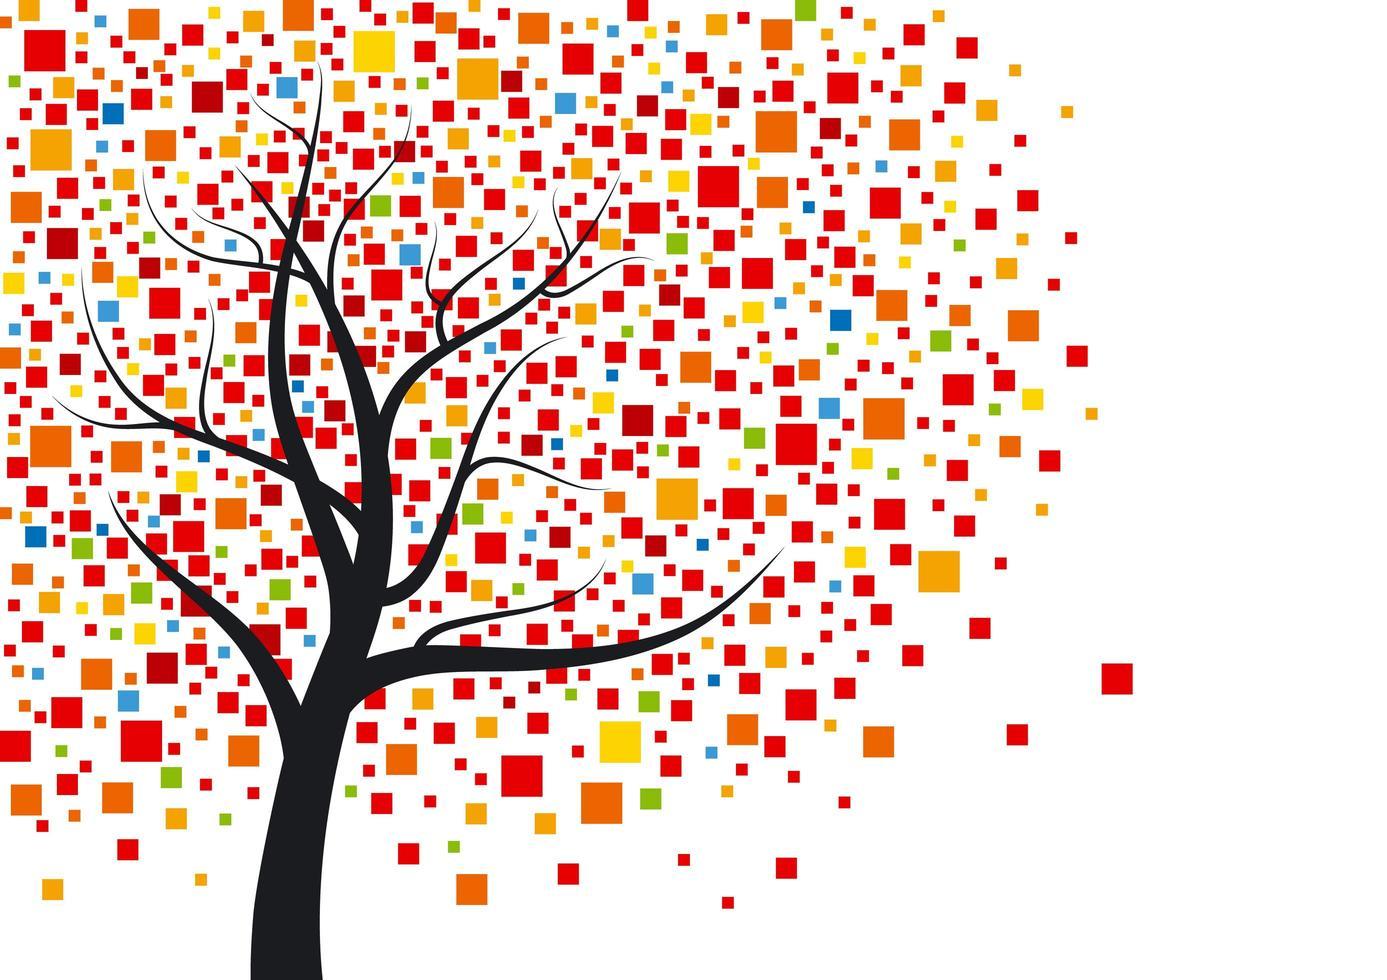 desenho de árvore de mosaico vetor